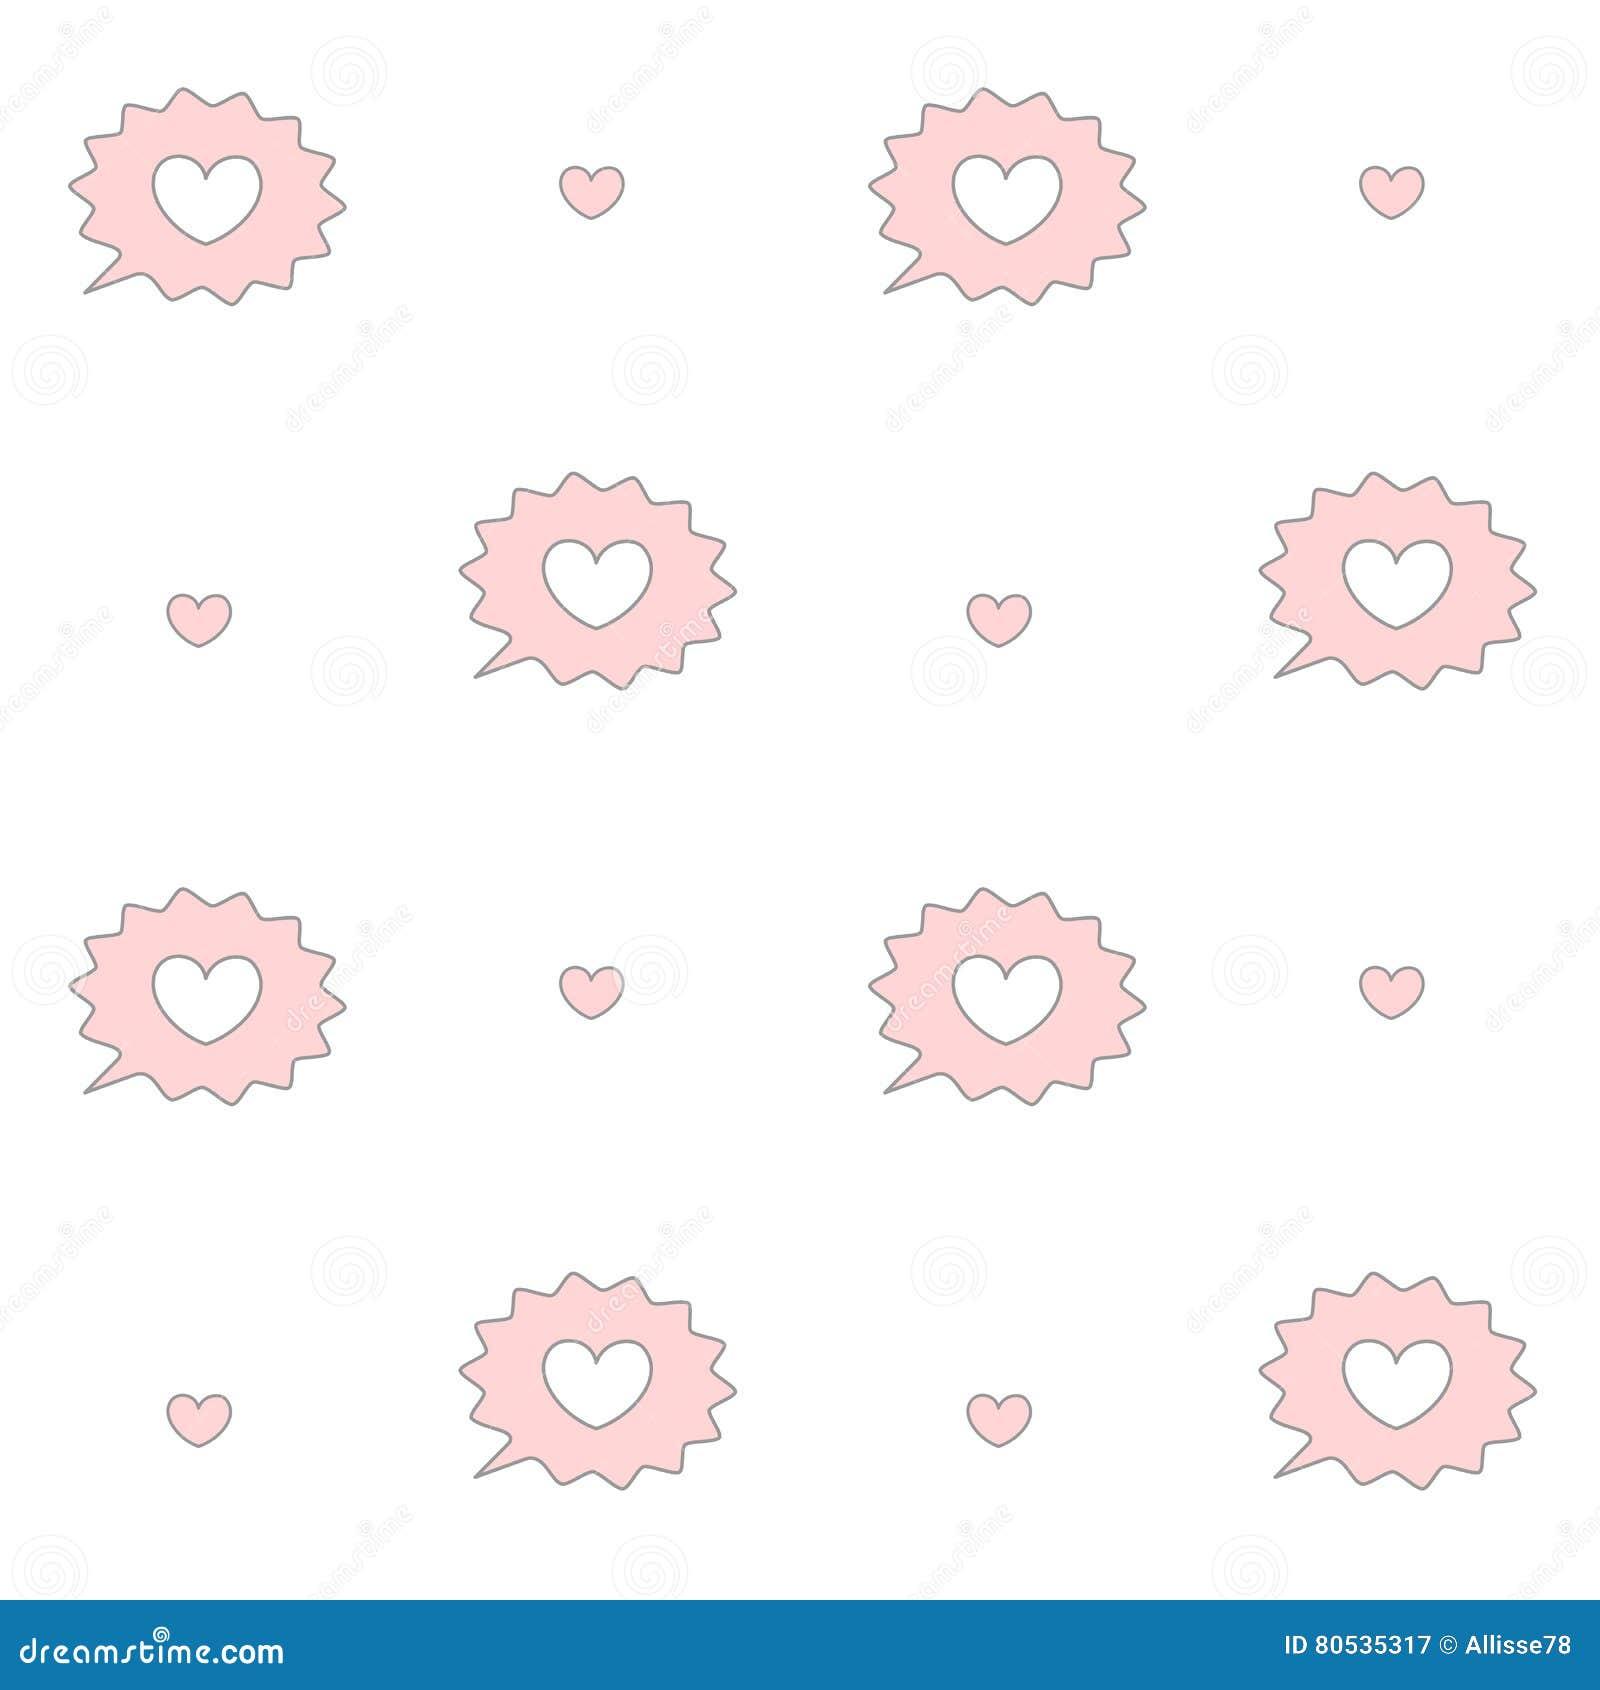 weie und rosa rede der netten karikatur sprudelt mit muster hintergrundillustration des herzens nahtloser - Hochzeitsrede Muster